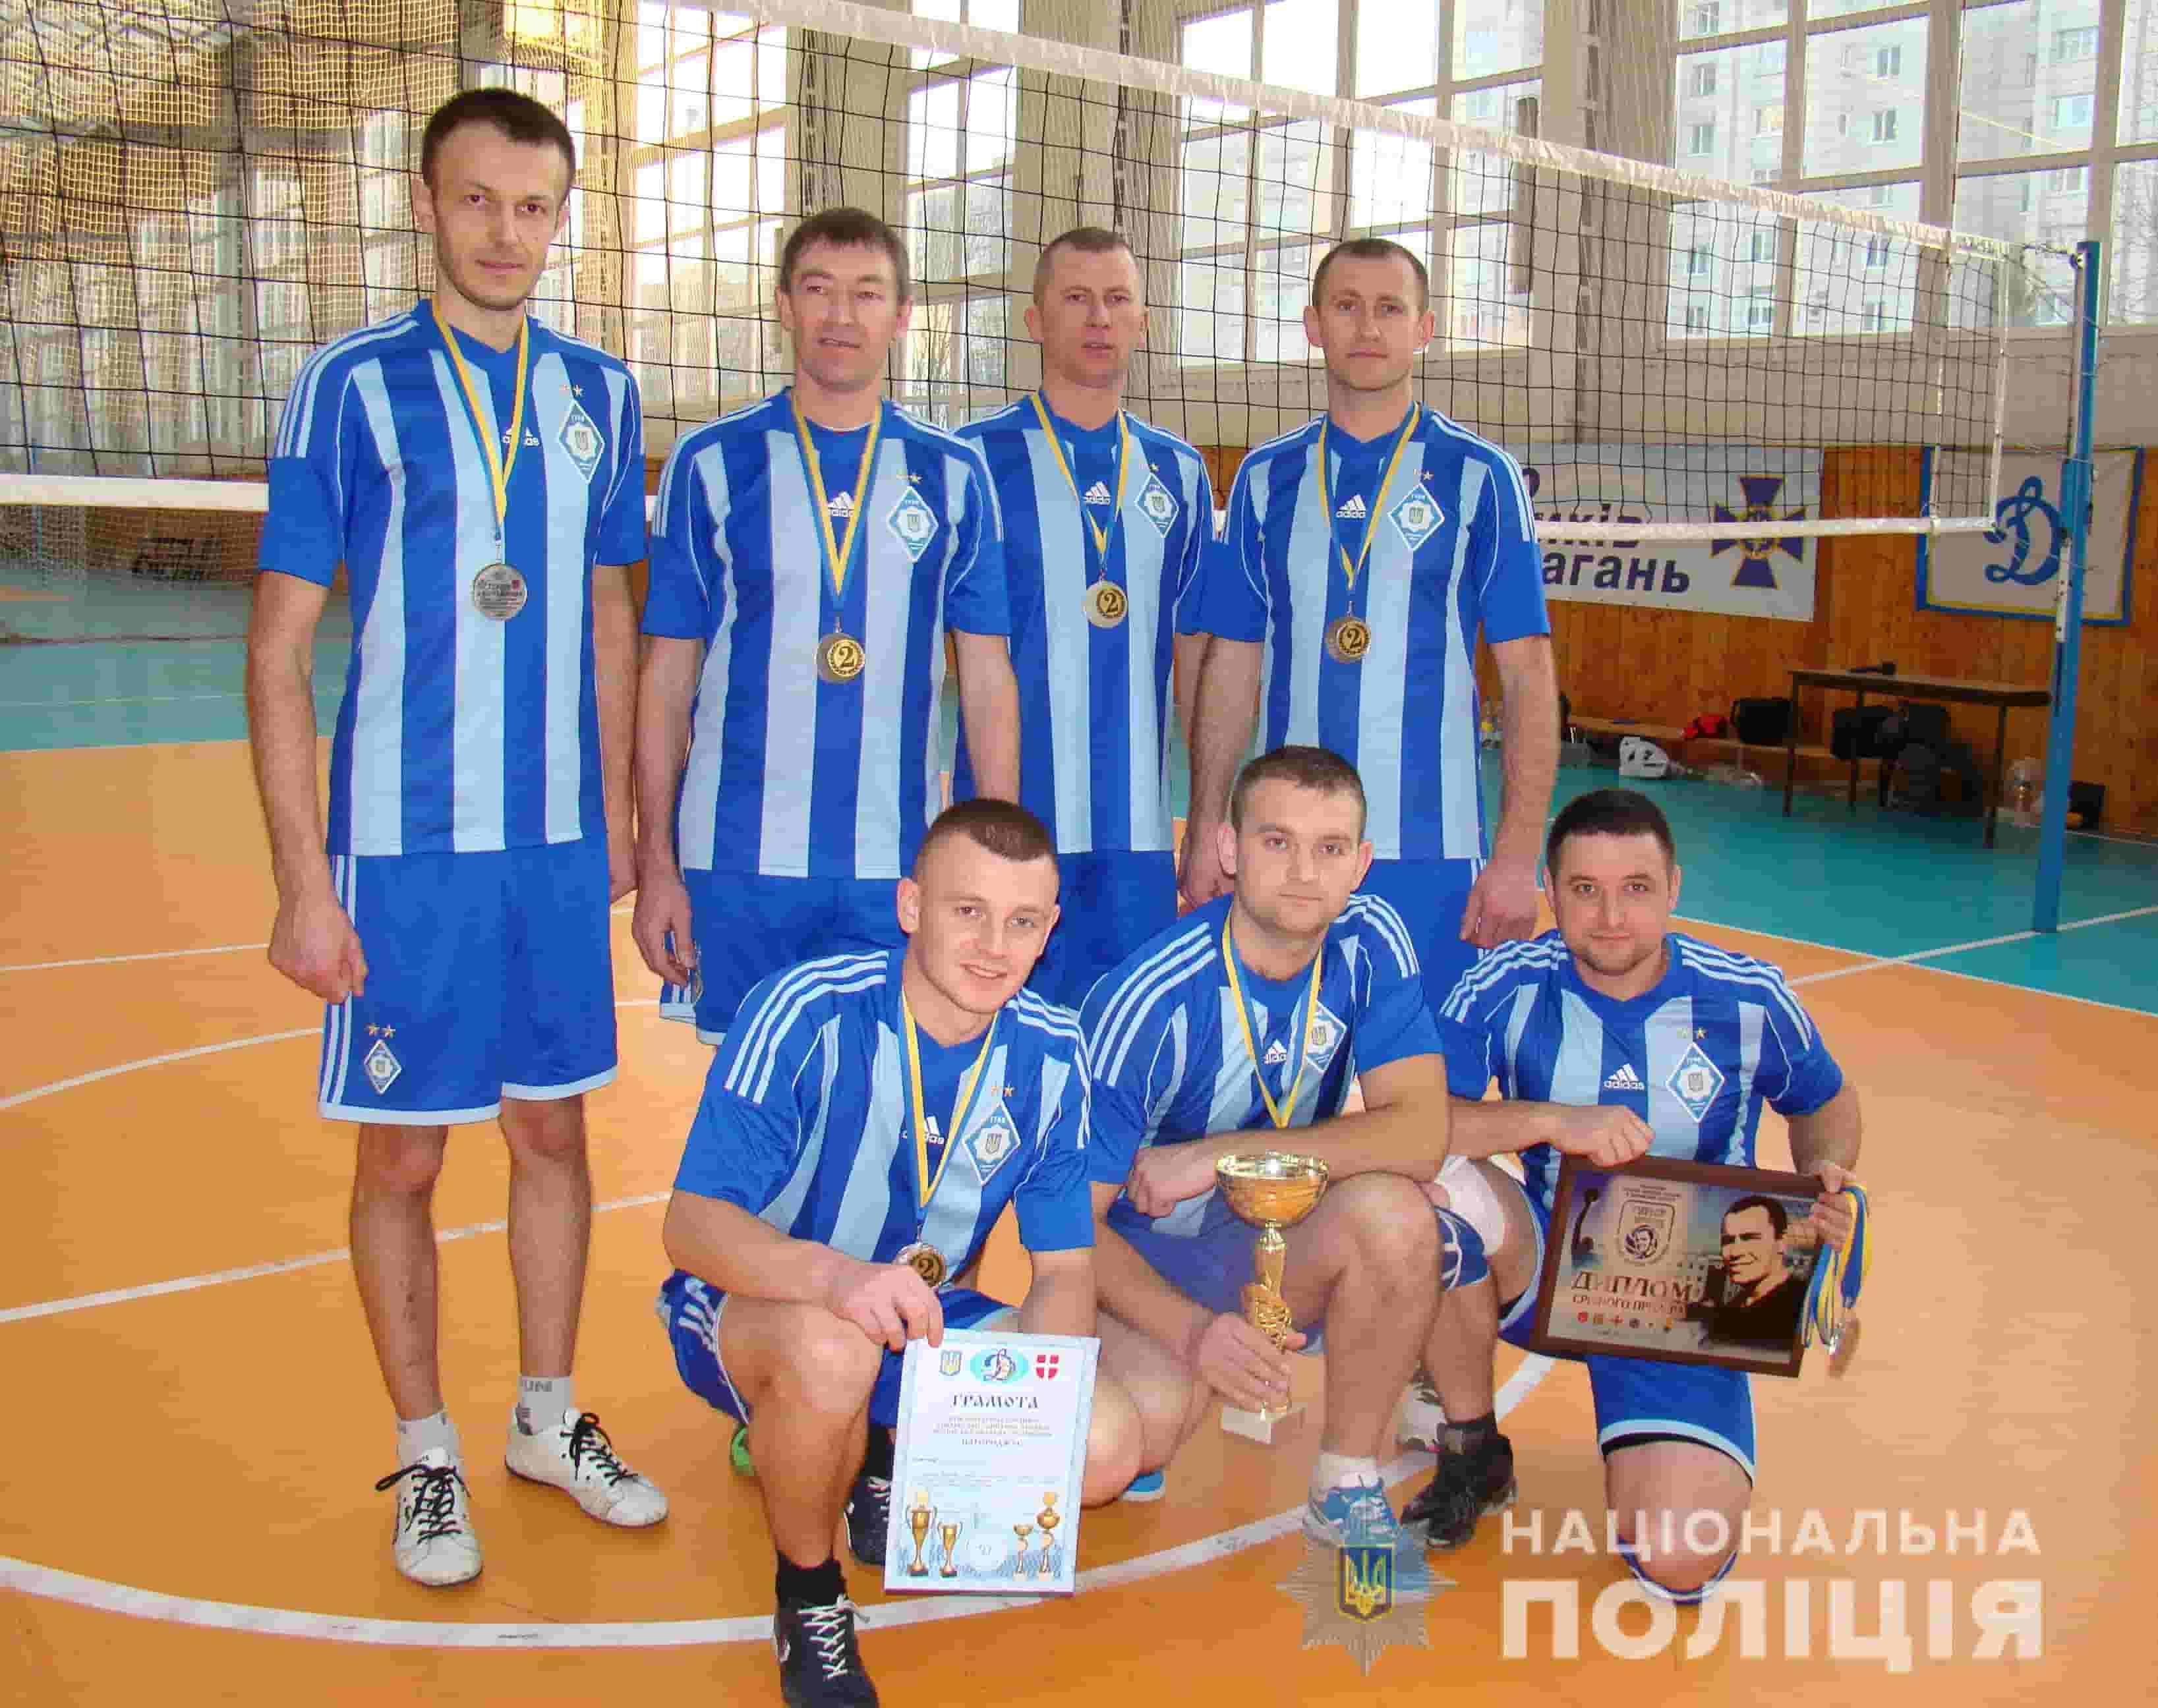 Волинські правоохоронці вибороли призове місце на чемпіонаті з волейболу